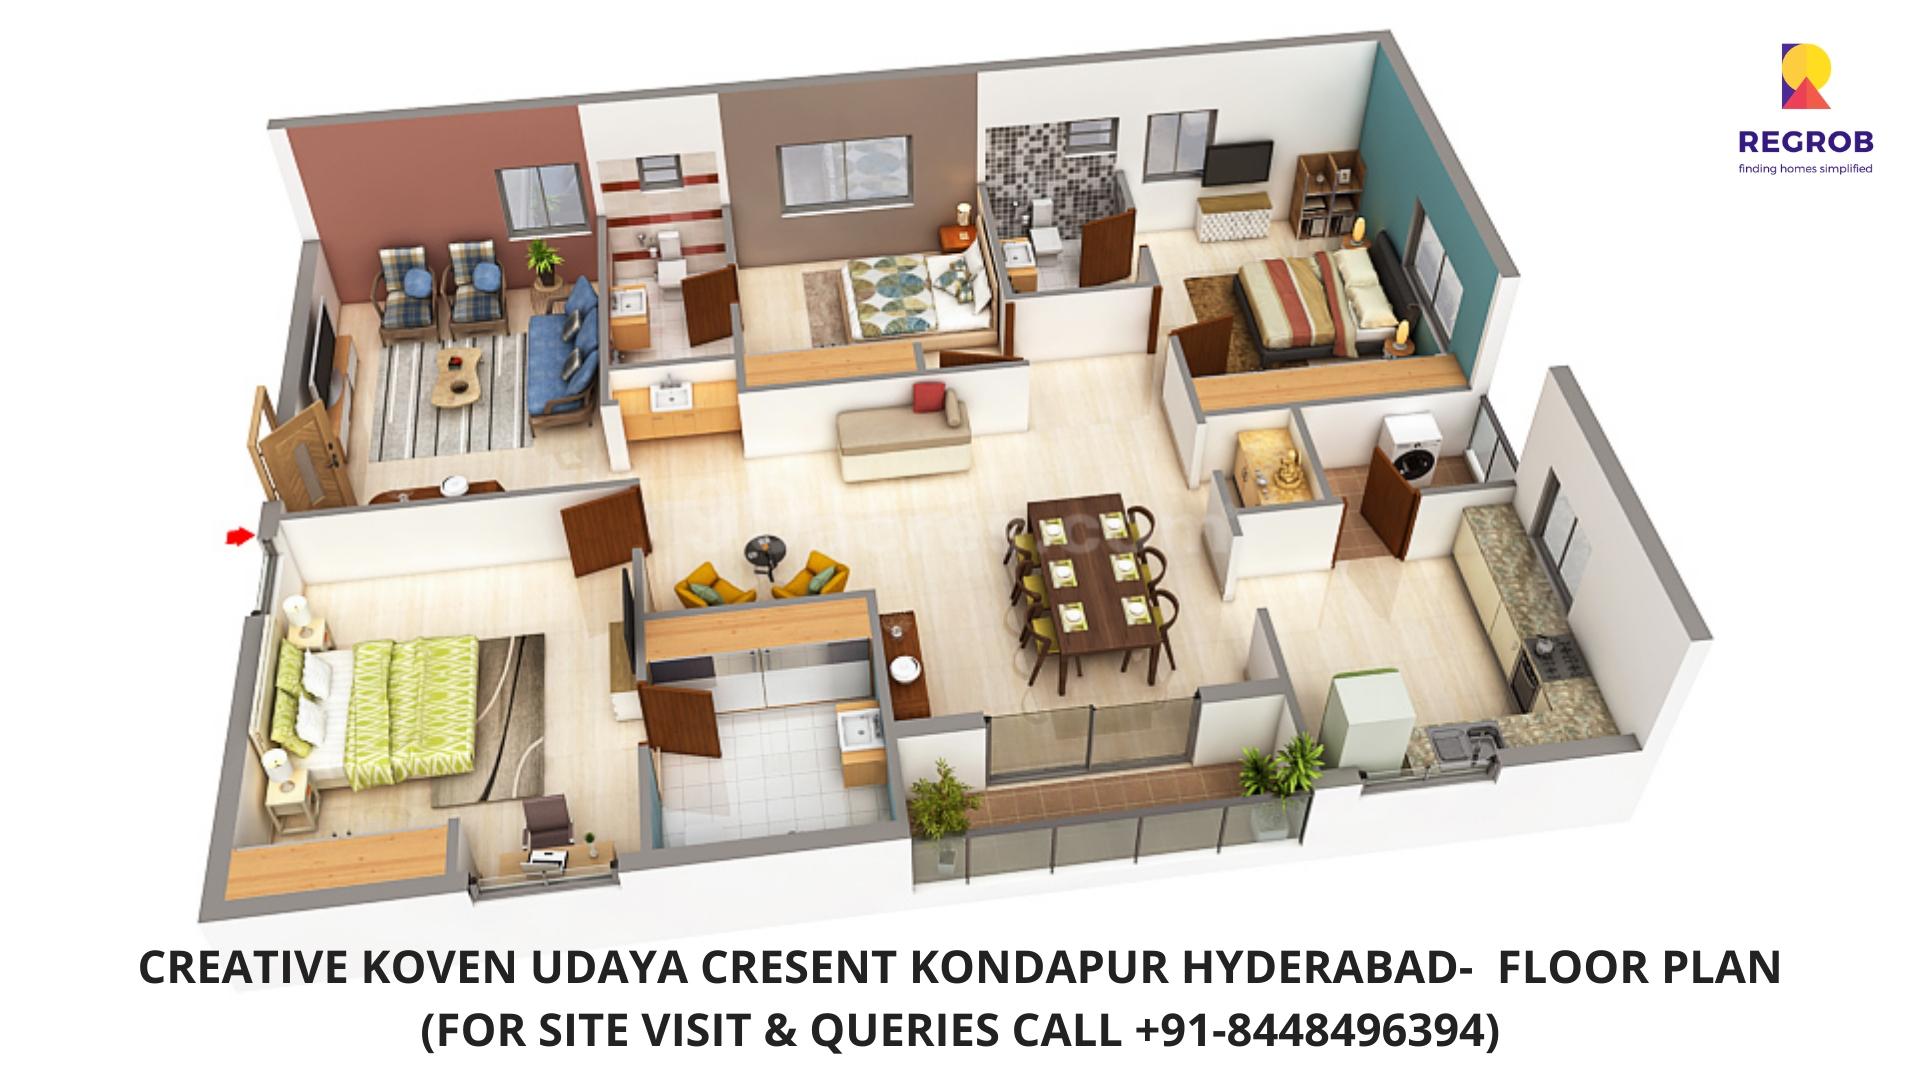 Creative Koven Udaya Cresent